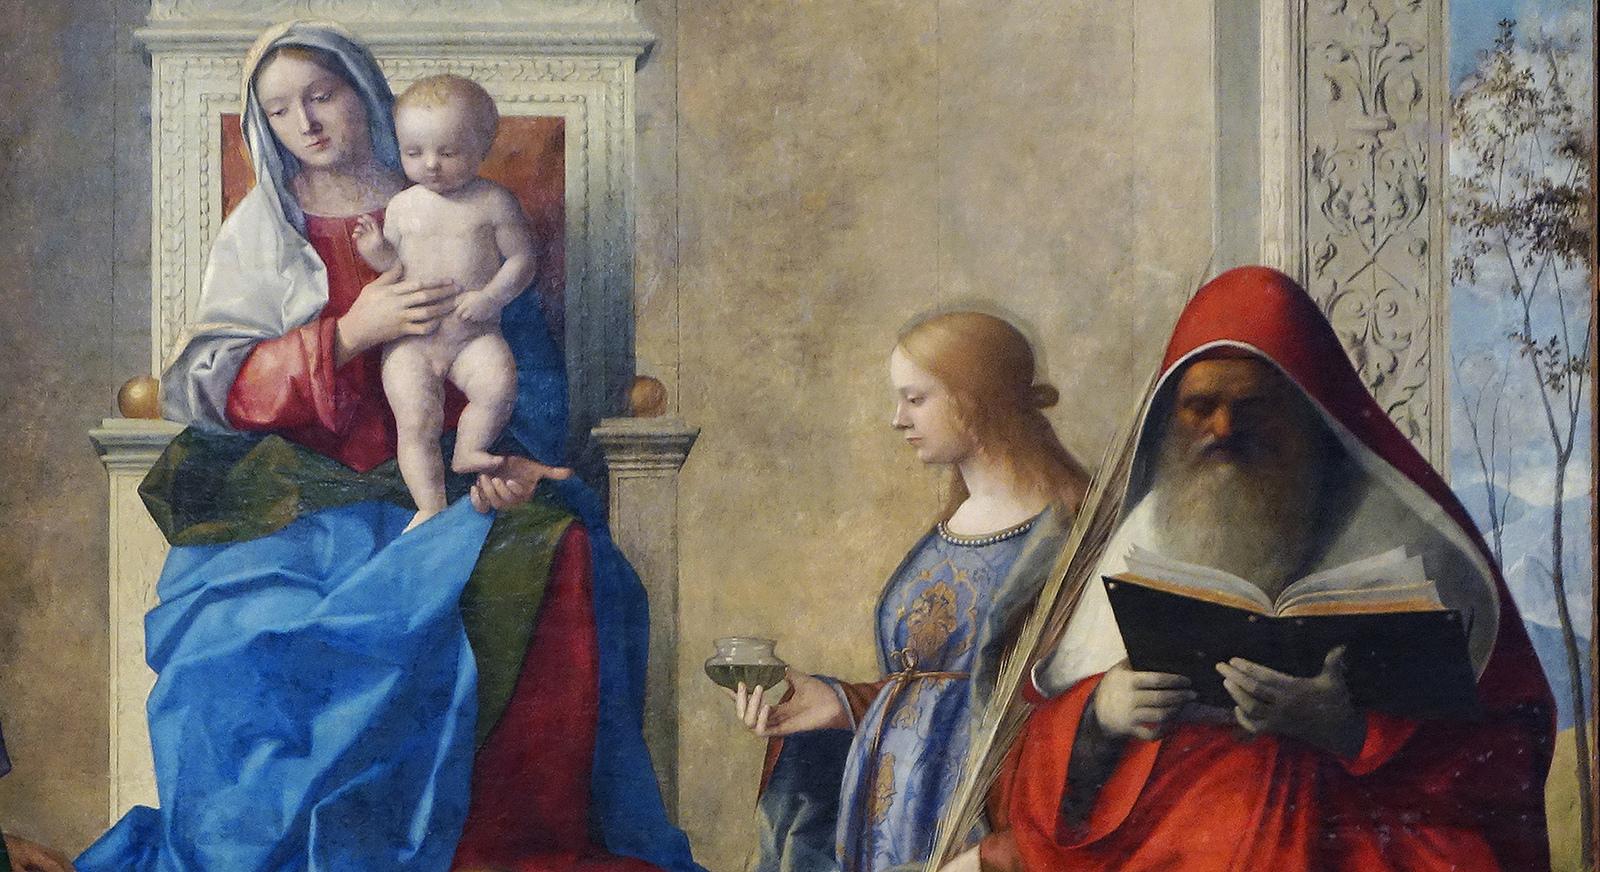 """Giovanni Bellini, """"San Zaccaria Altarpiece,"""" 1505. Via Steven Zucker."""